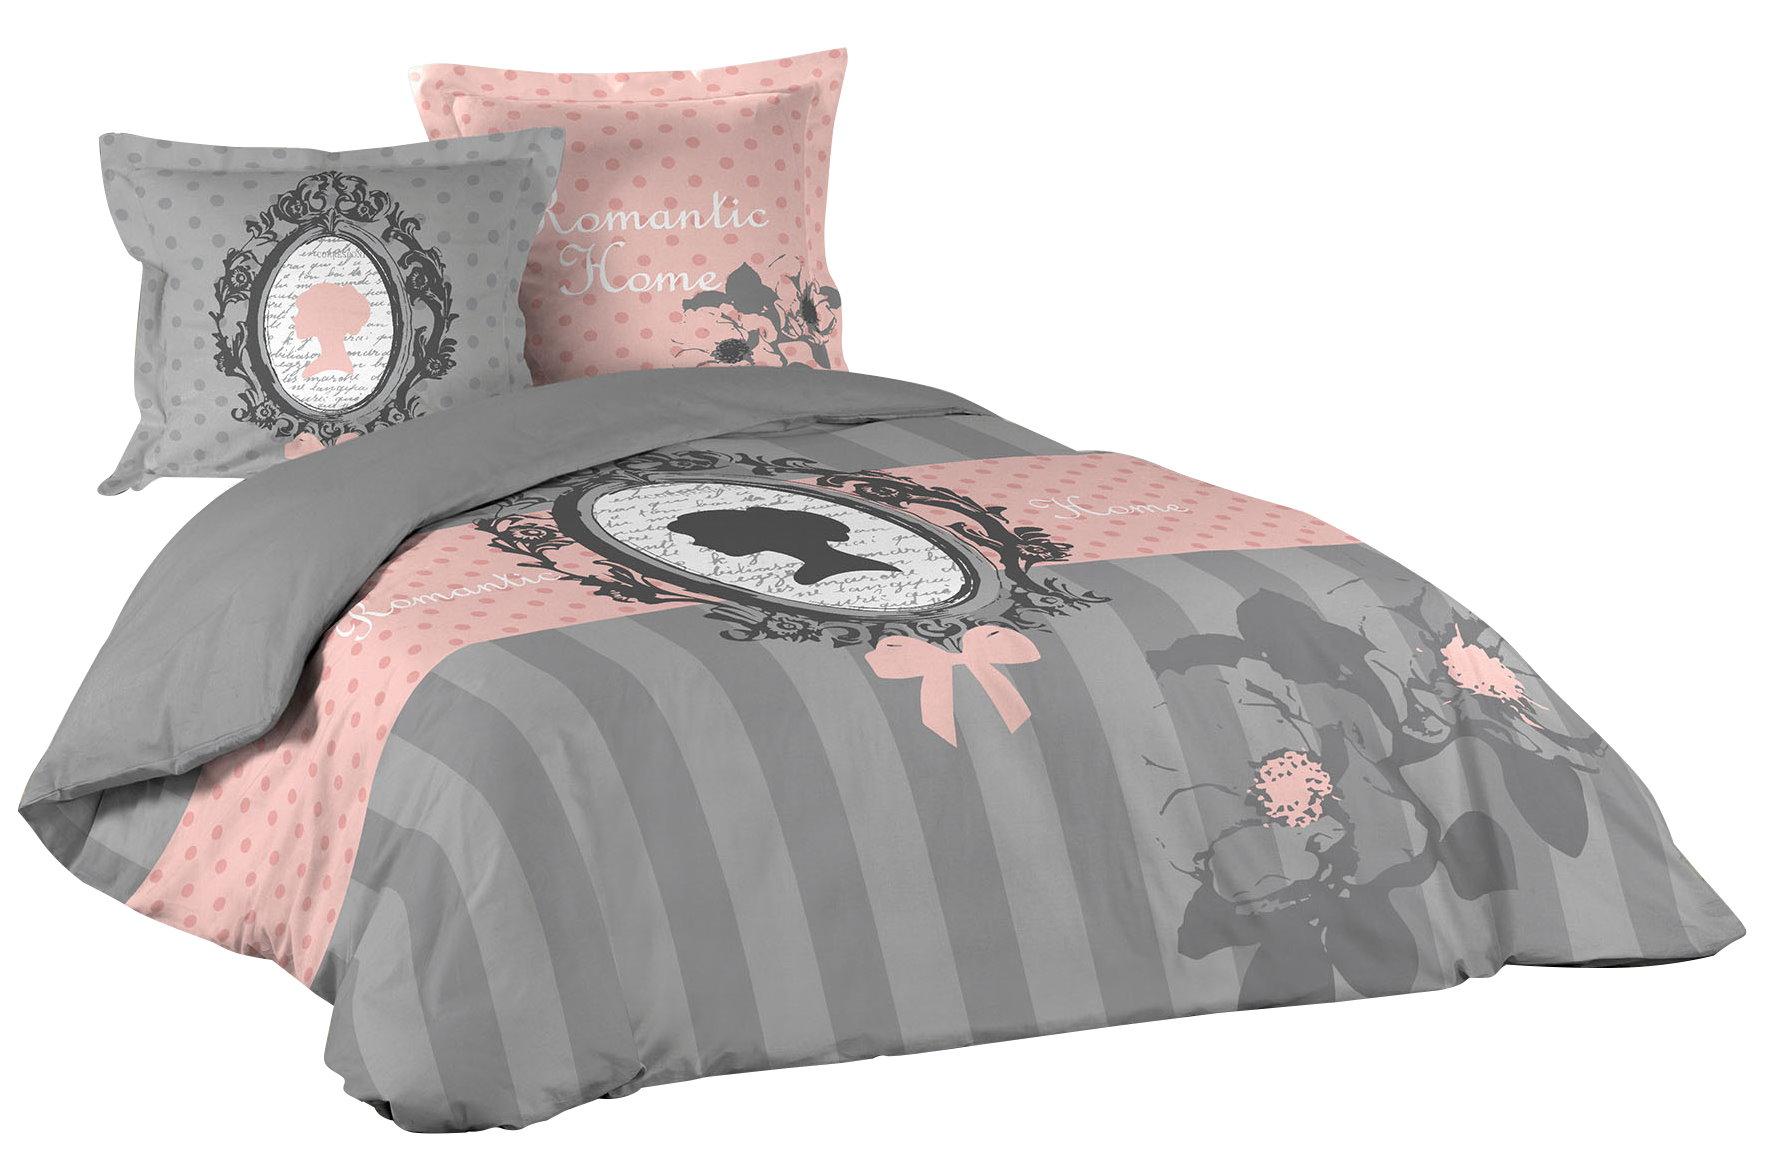 Bemerkenswert übergroße Bettdecke Das Beste Von Barock Bettwäsche 240x220 Baumwolle Übergröße Bettgarnitur